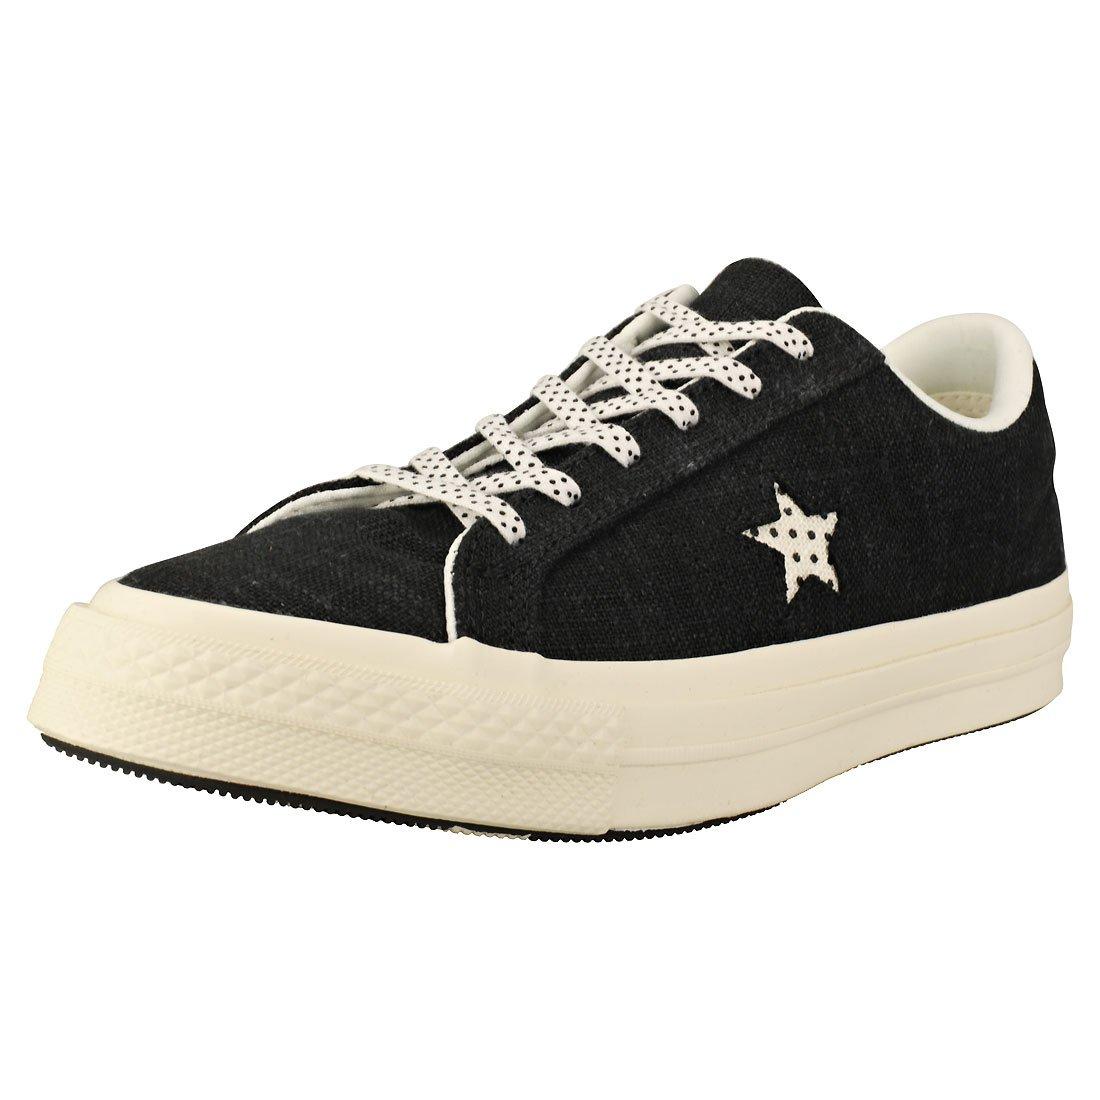 Converse Lifestyle One Star Ox Suede, Zapatillas de Deporte Unisex Adulto 39 EU|Negro